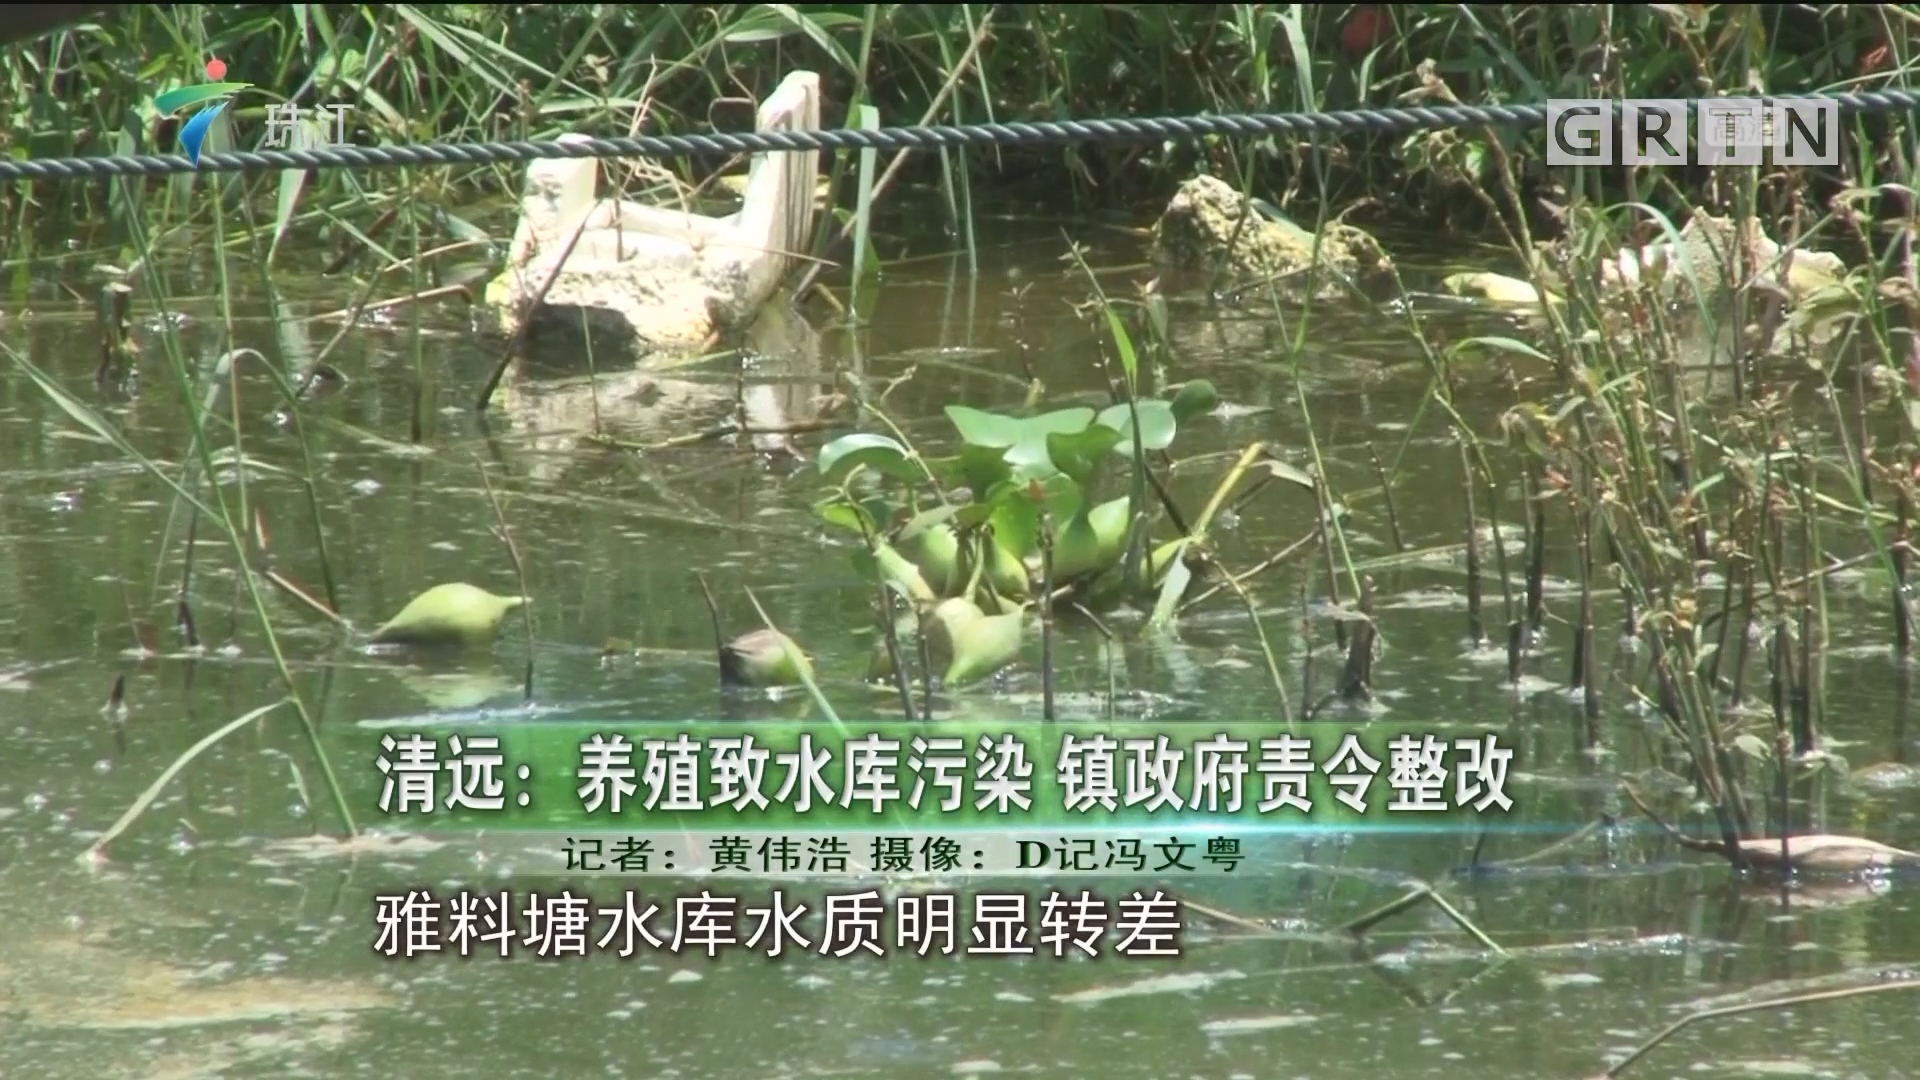 清远:养殖致水库污染 镇政府责令整改